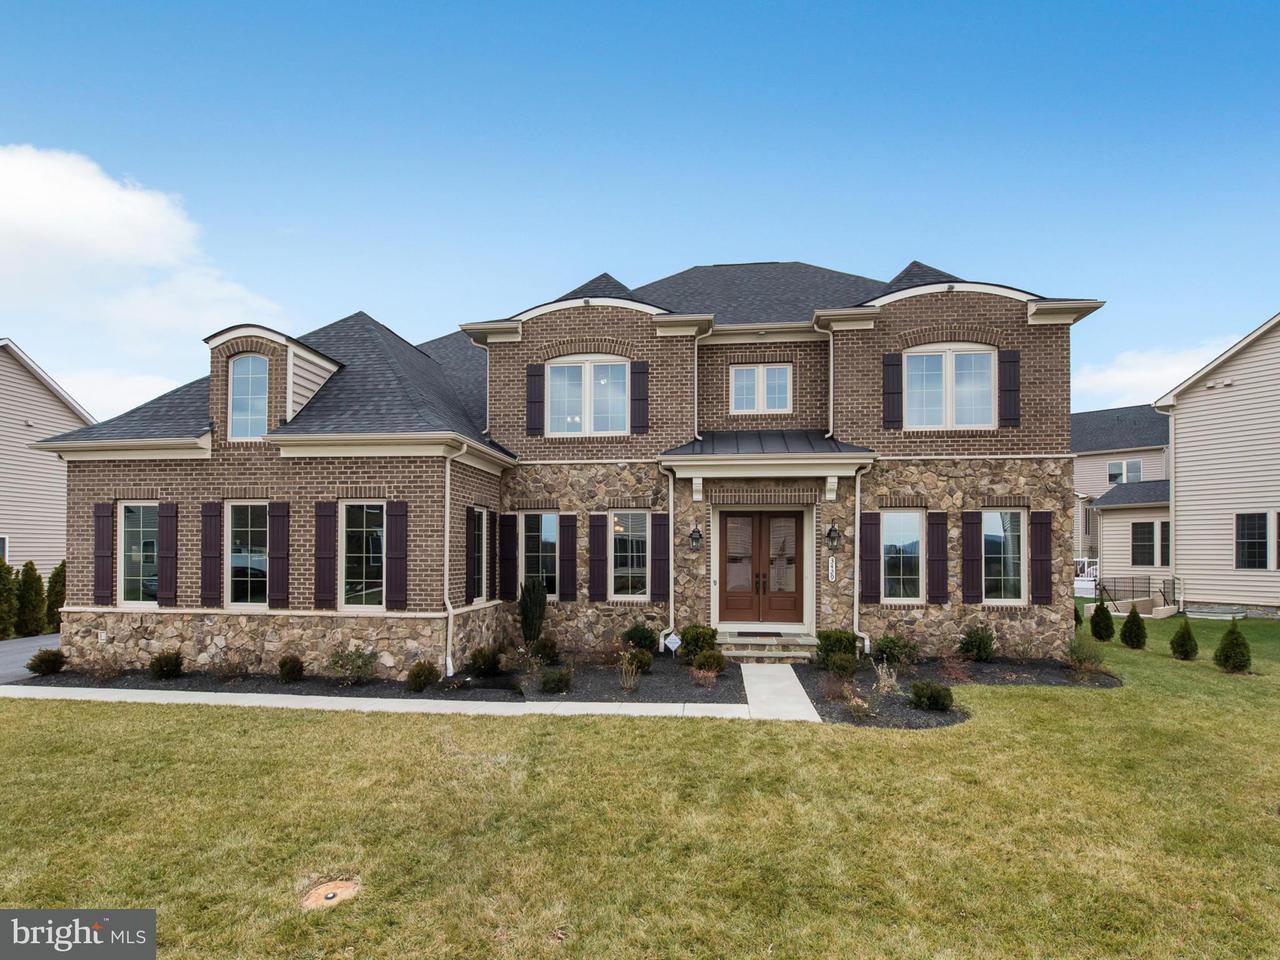 Частный односемейный дом для того Продажа на 3429 Winmoor Drive 3429 Winmoor Drive Ijamsville, Мэриленд 21754 Соединенные Штаты